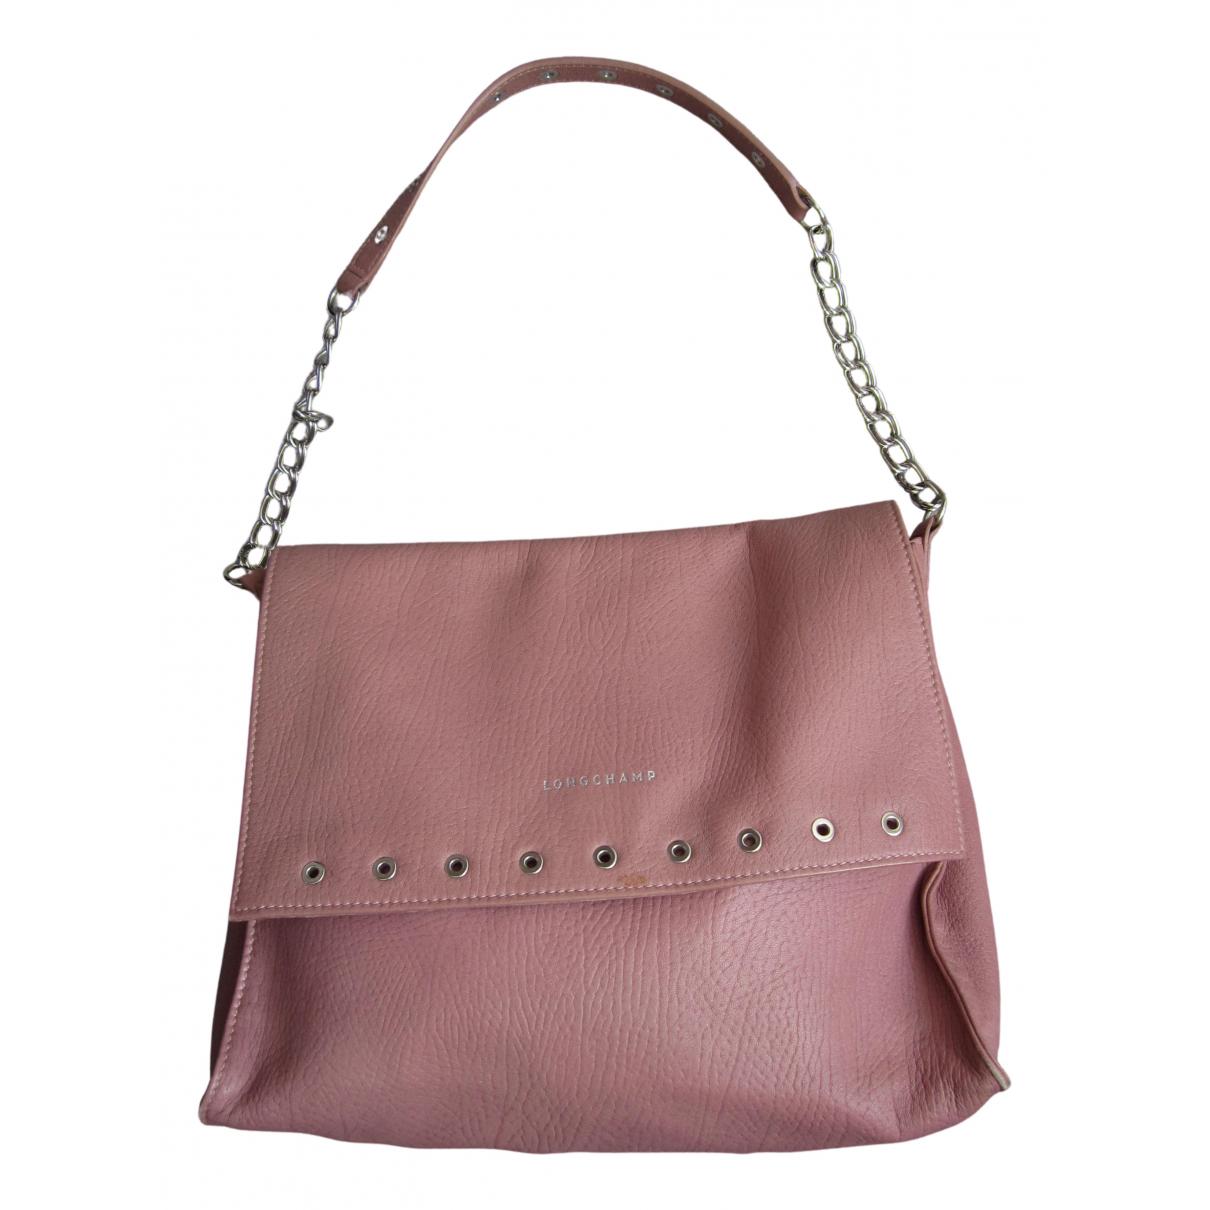 Longchamp - Sac a main   pour femme en cuir - rose